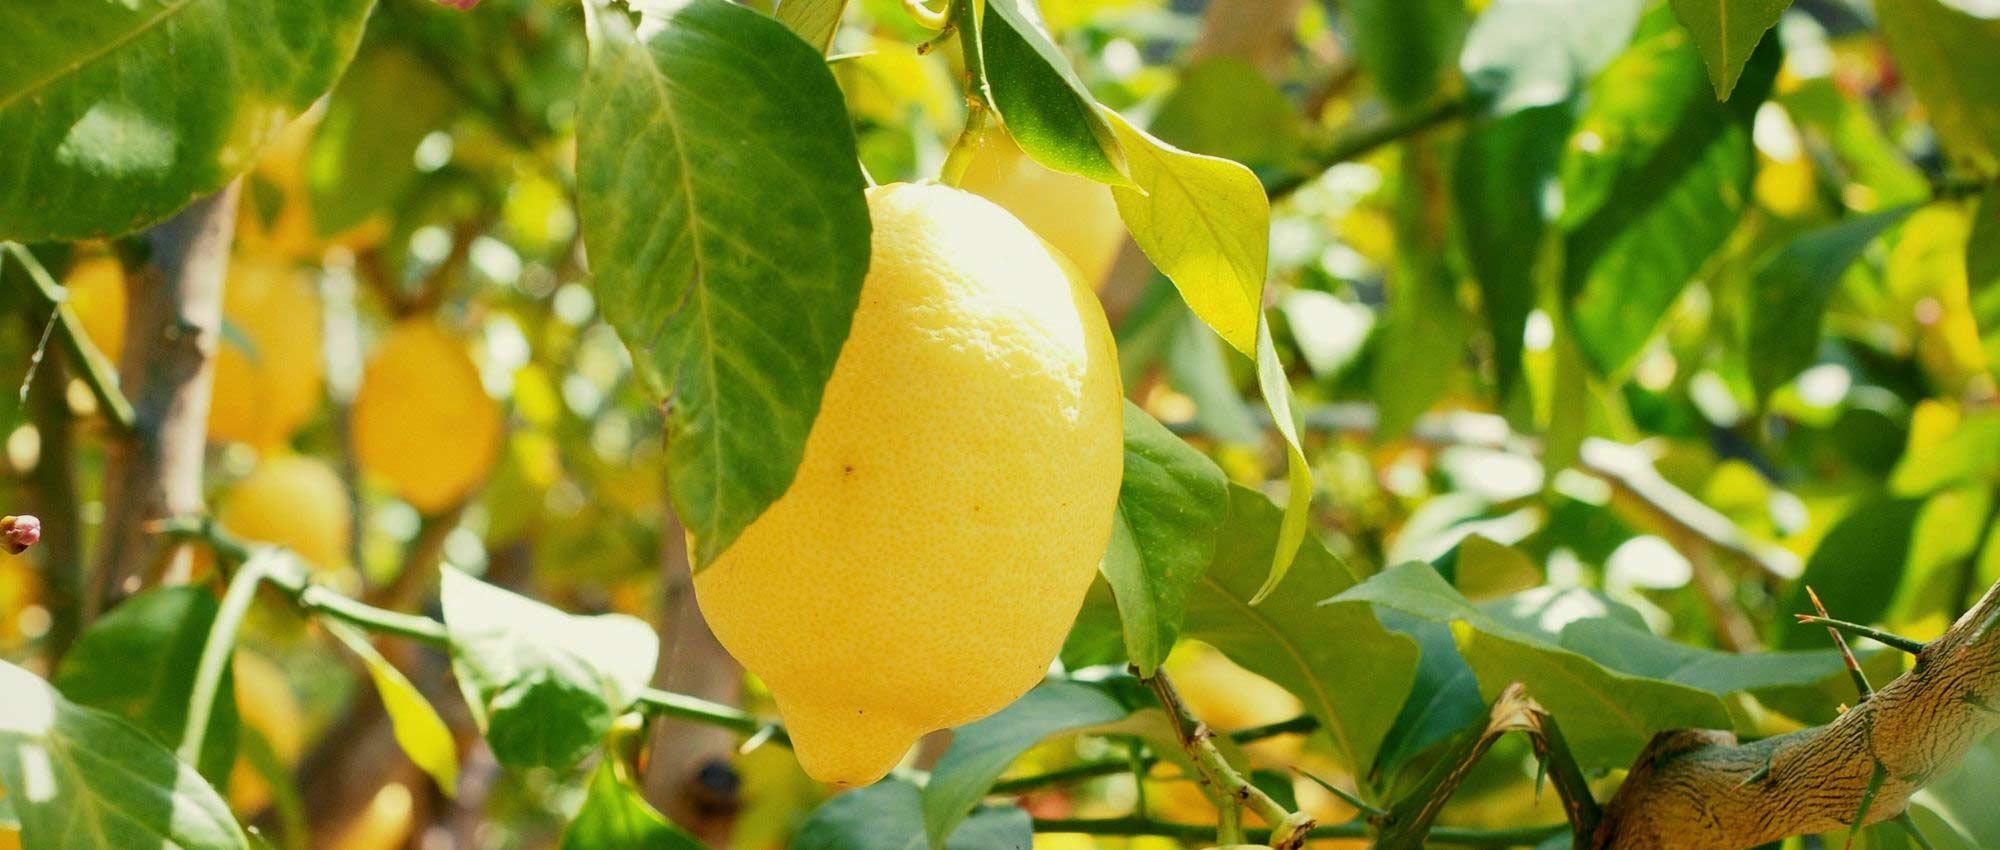 Comment Cultiver Un Citronnier En Pot citronnier en pot : tout ce qu'il faut savoir pour bien le